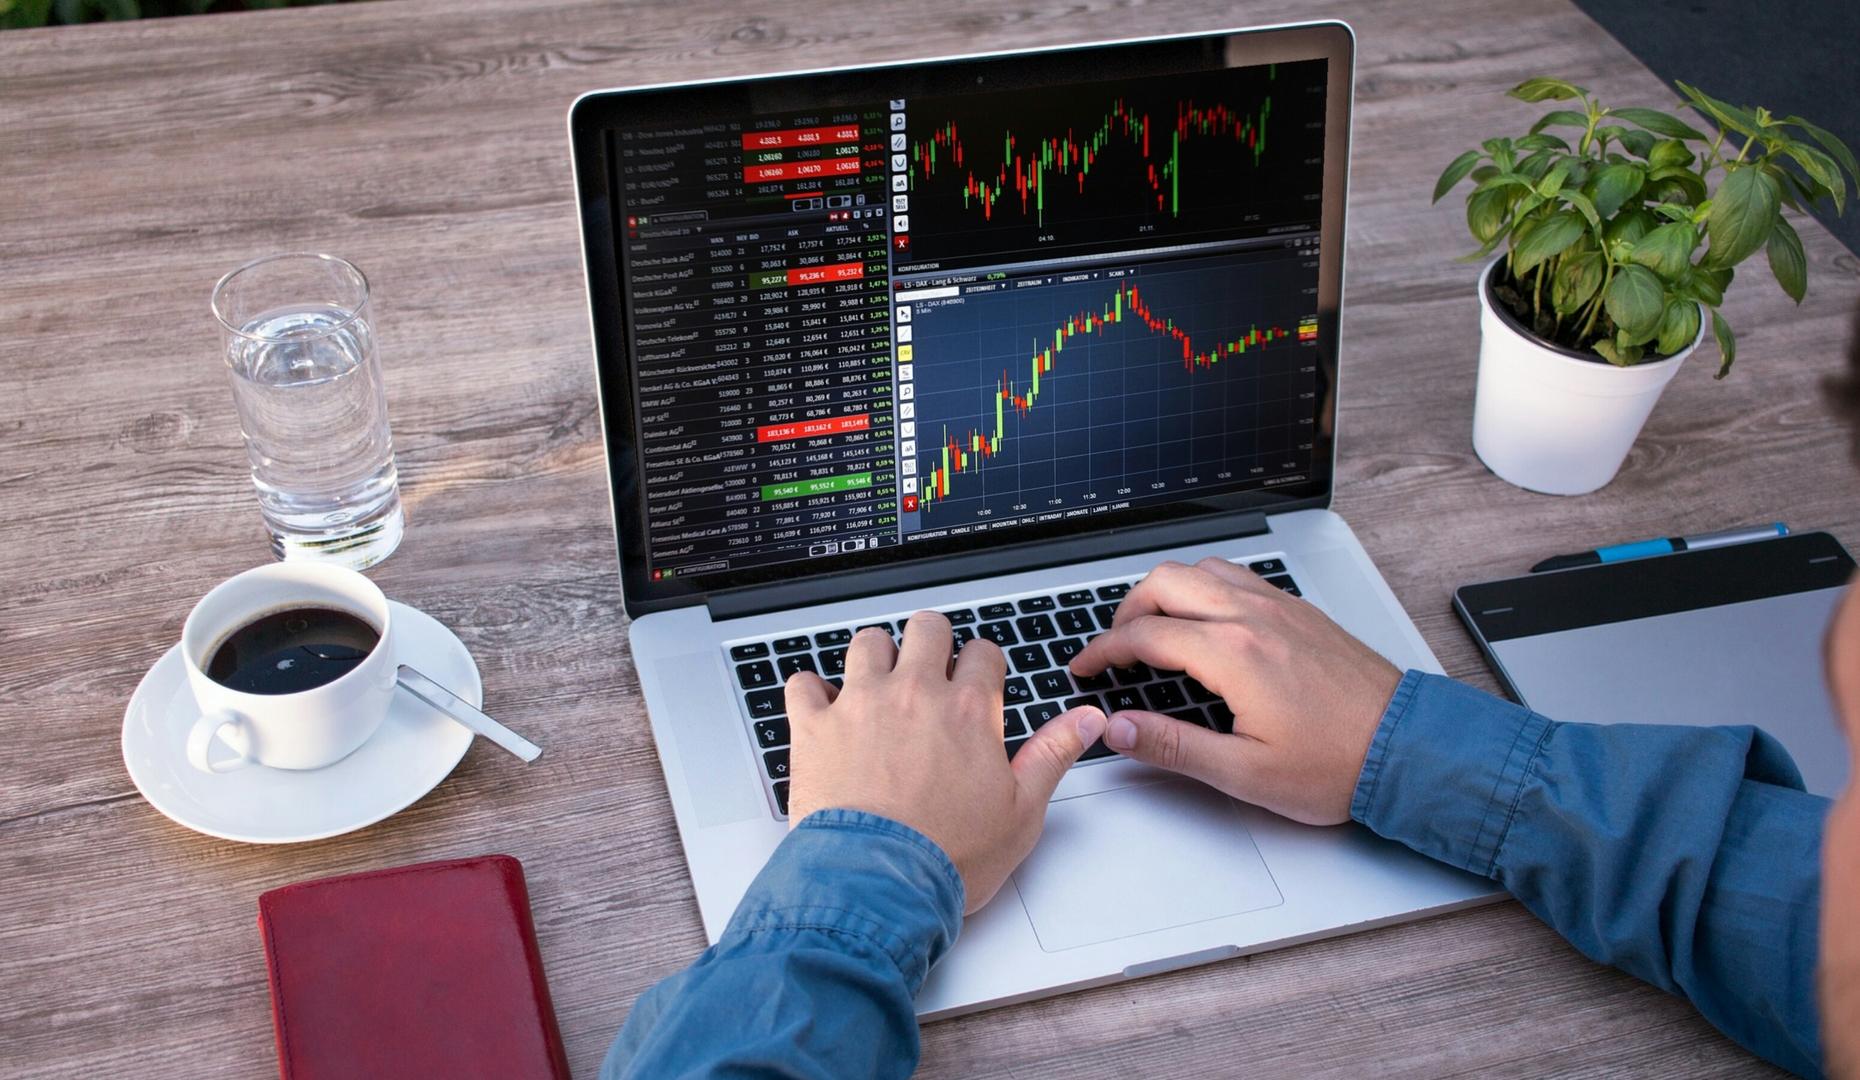 Morning Call: Ibovespa, Hapvida e NotreDame Intermédica, Berkshire Hathaway, Boletim Focus, Resultados trimestrais e Vagas de emprego